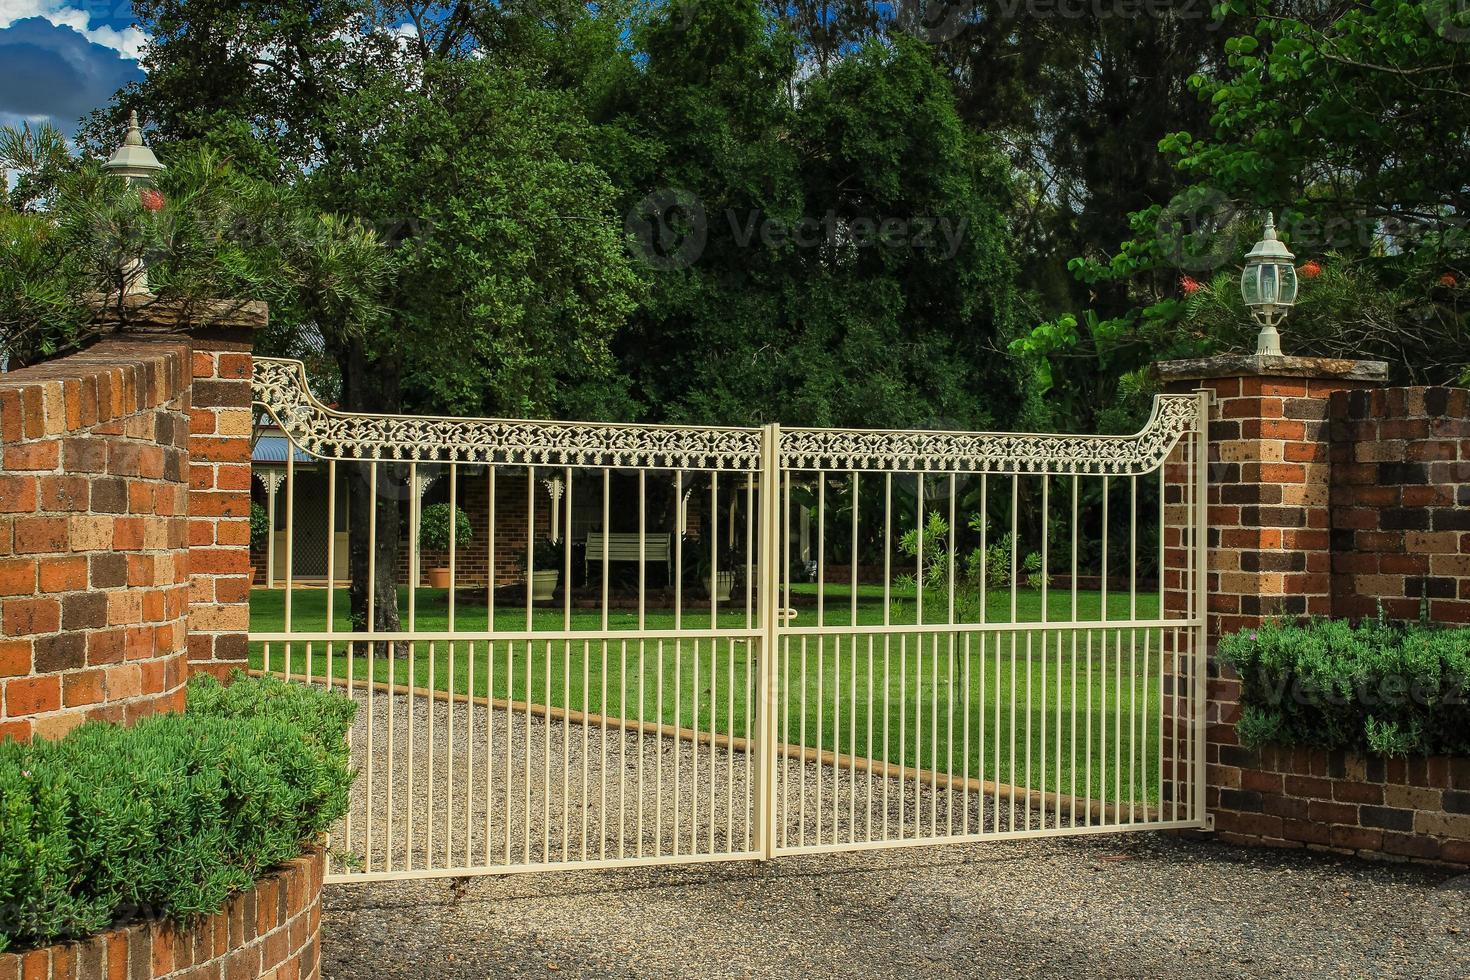 Puertas de entrada de entrada de metal en valla de ladrillo foto